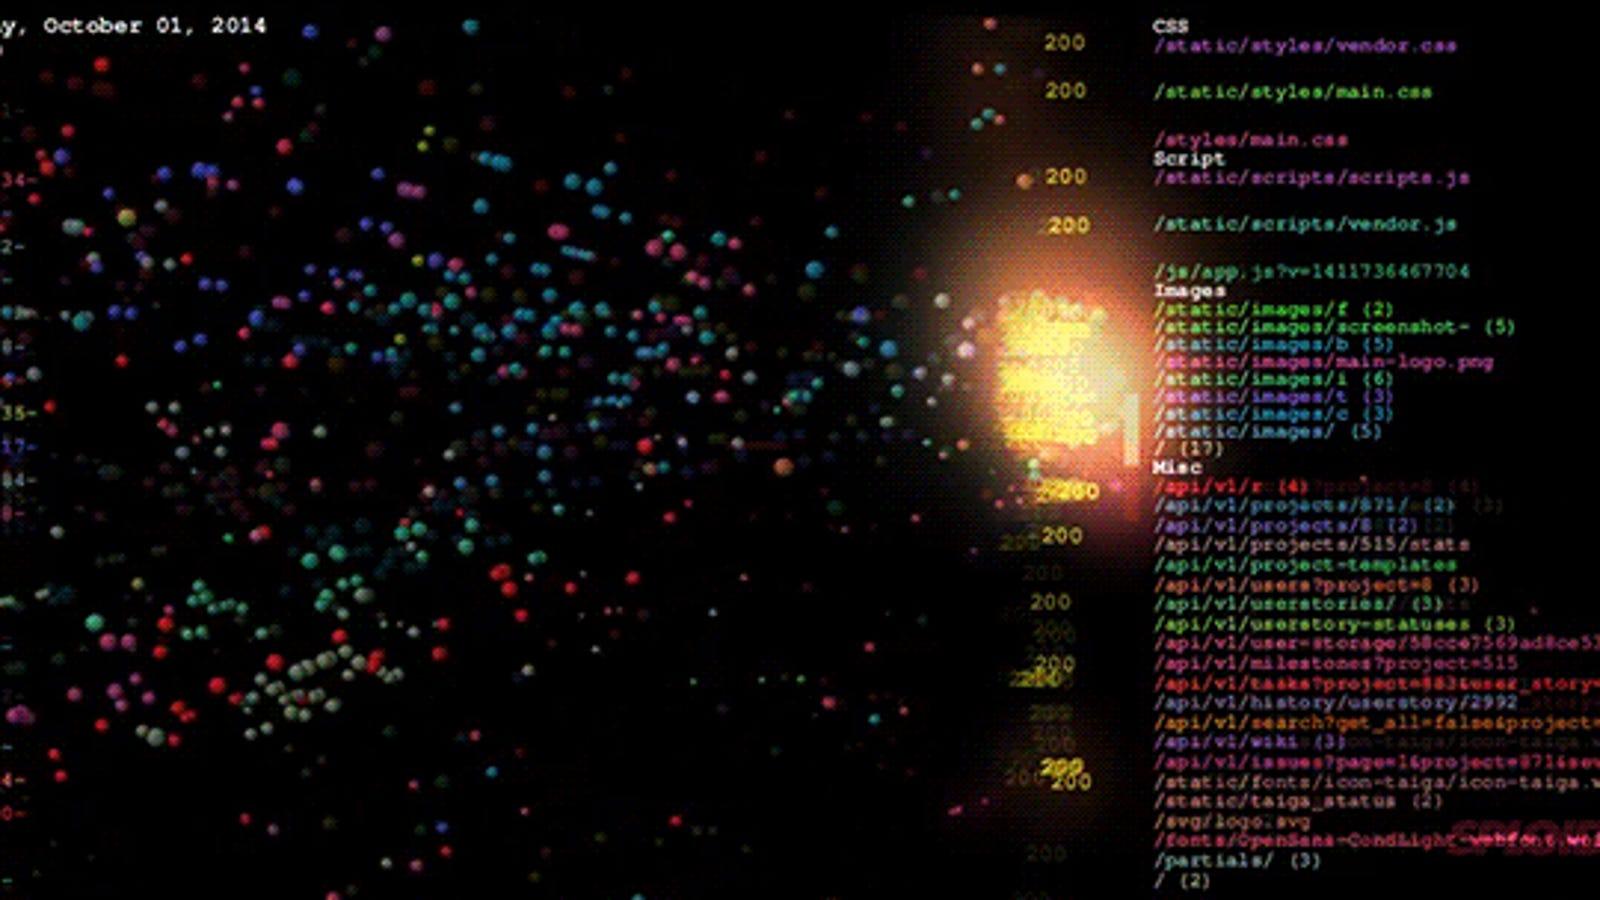 Así se ve un ataque DDoS en tiempo real